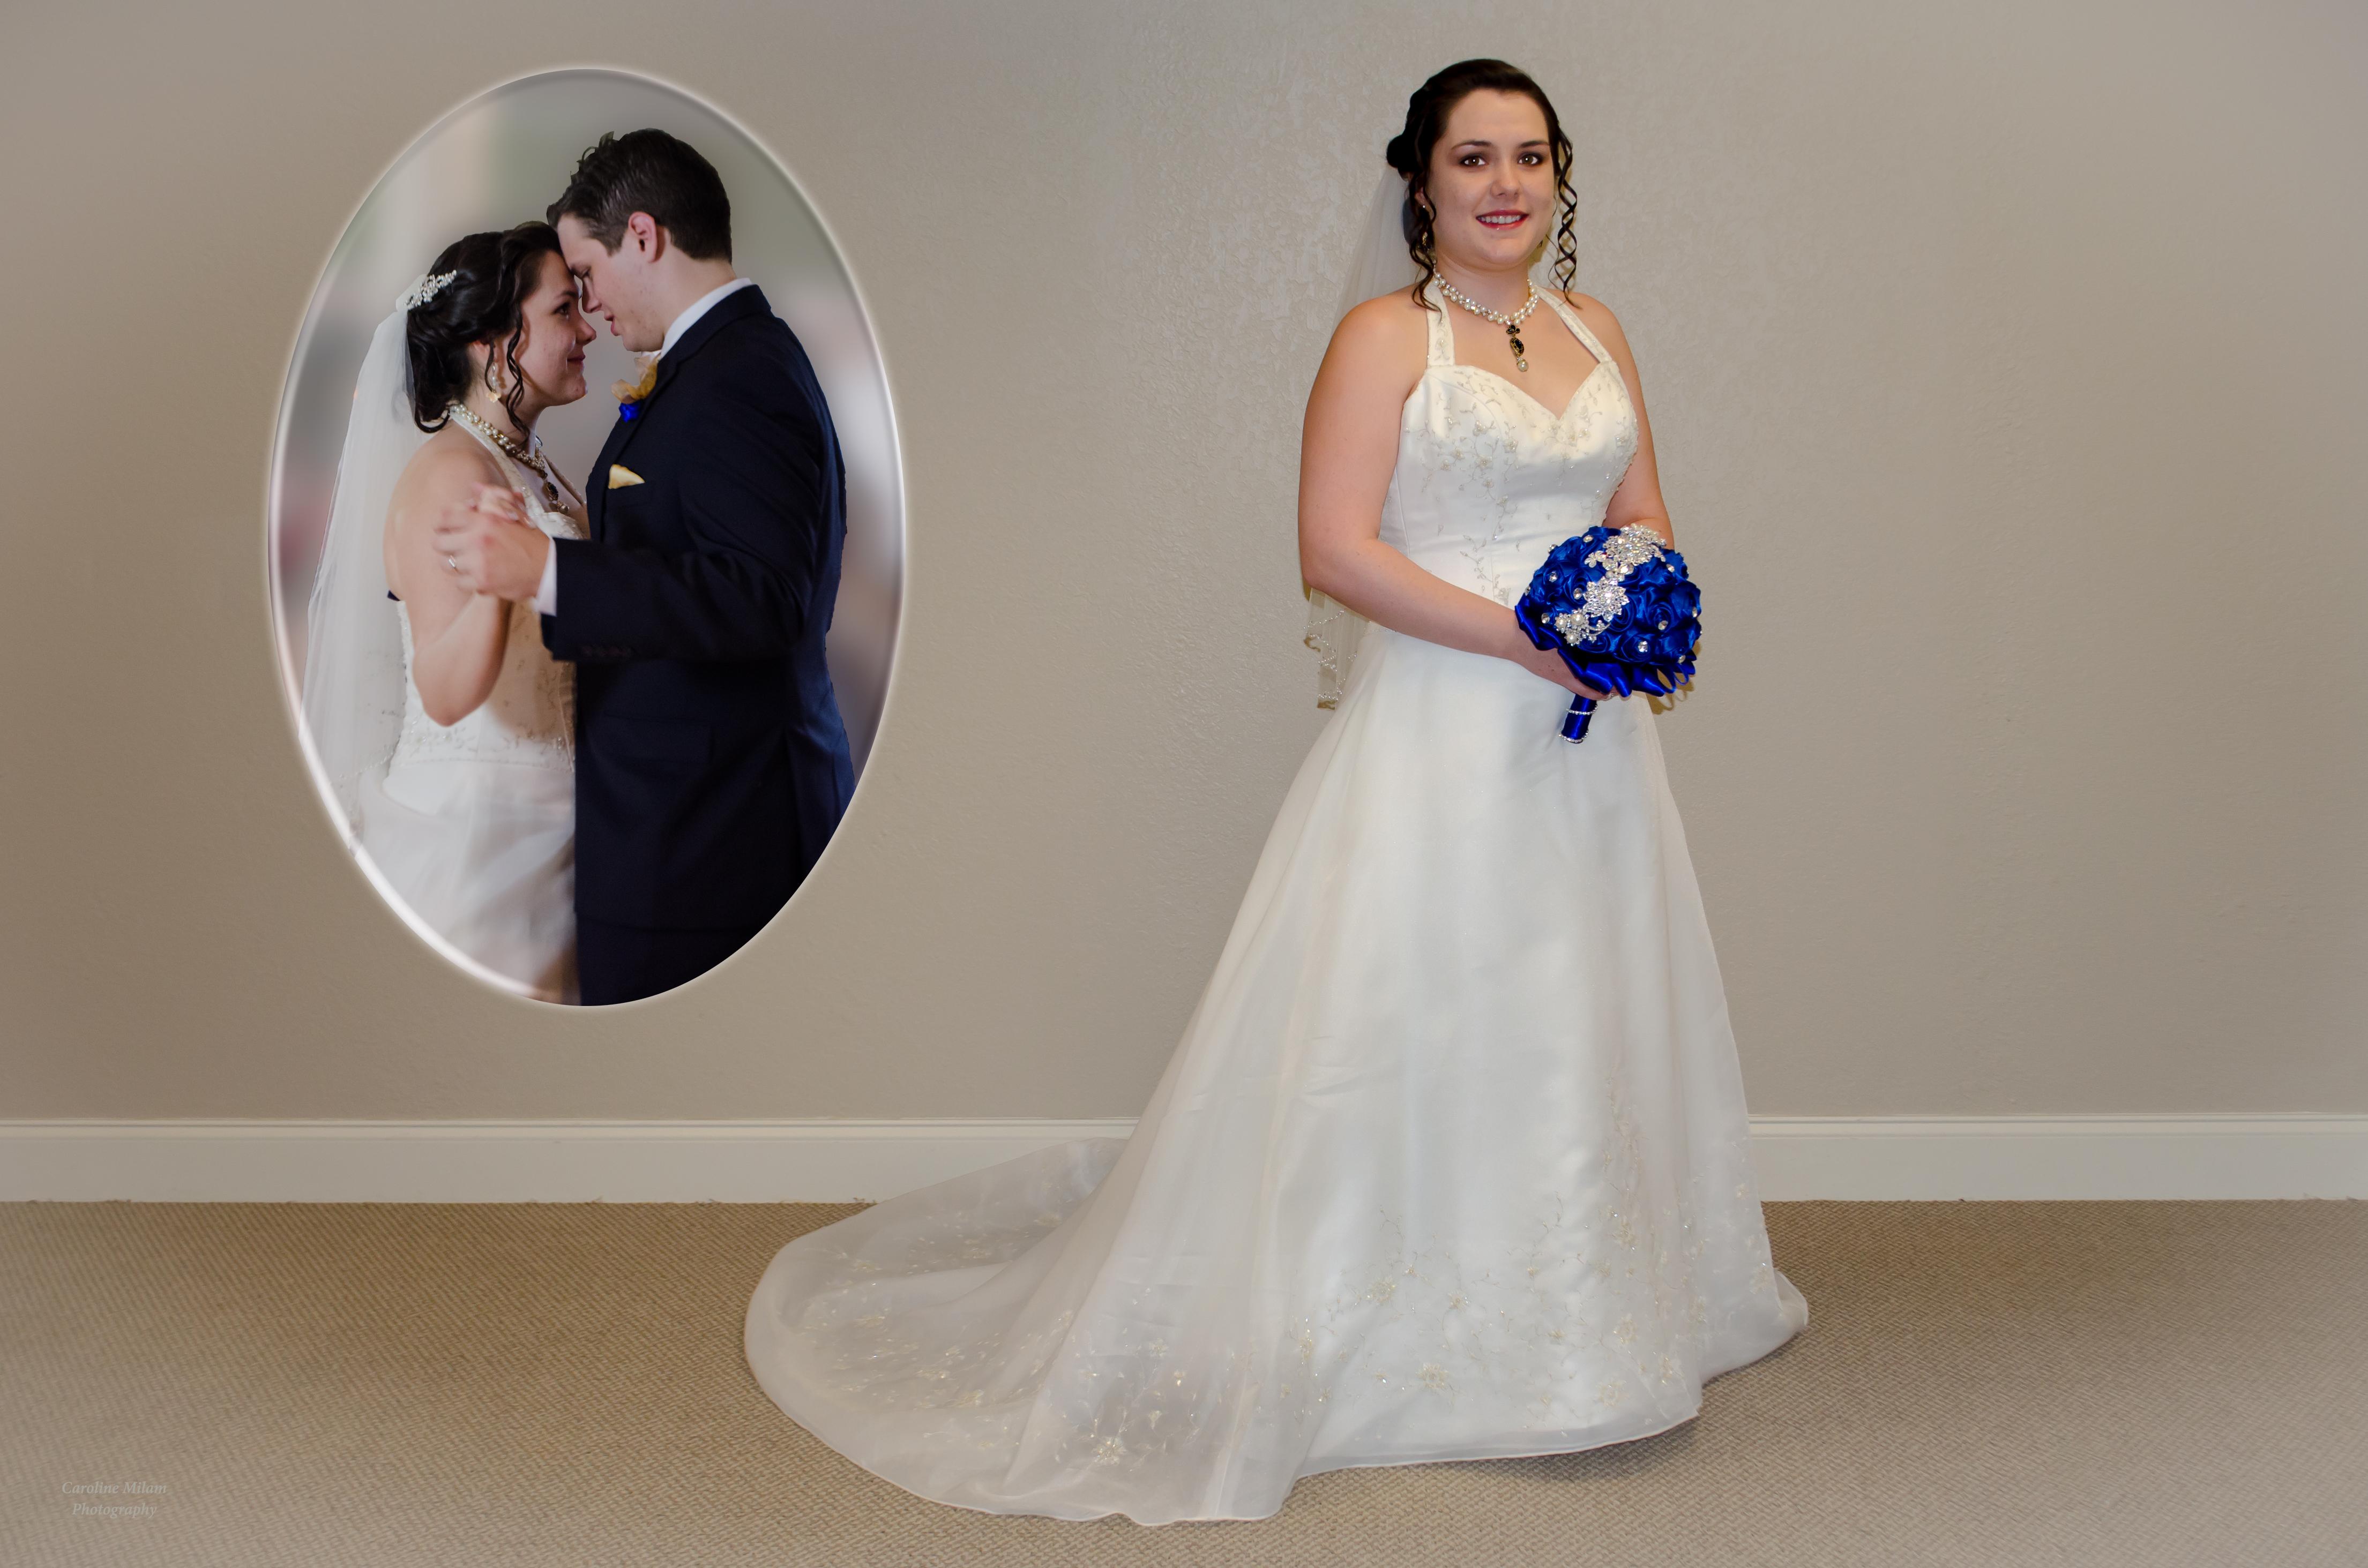 Pre Wedding Bride and inset image